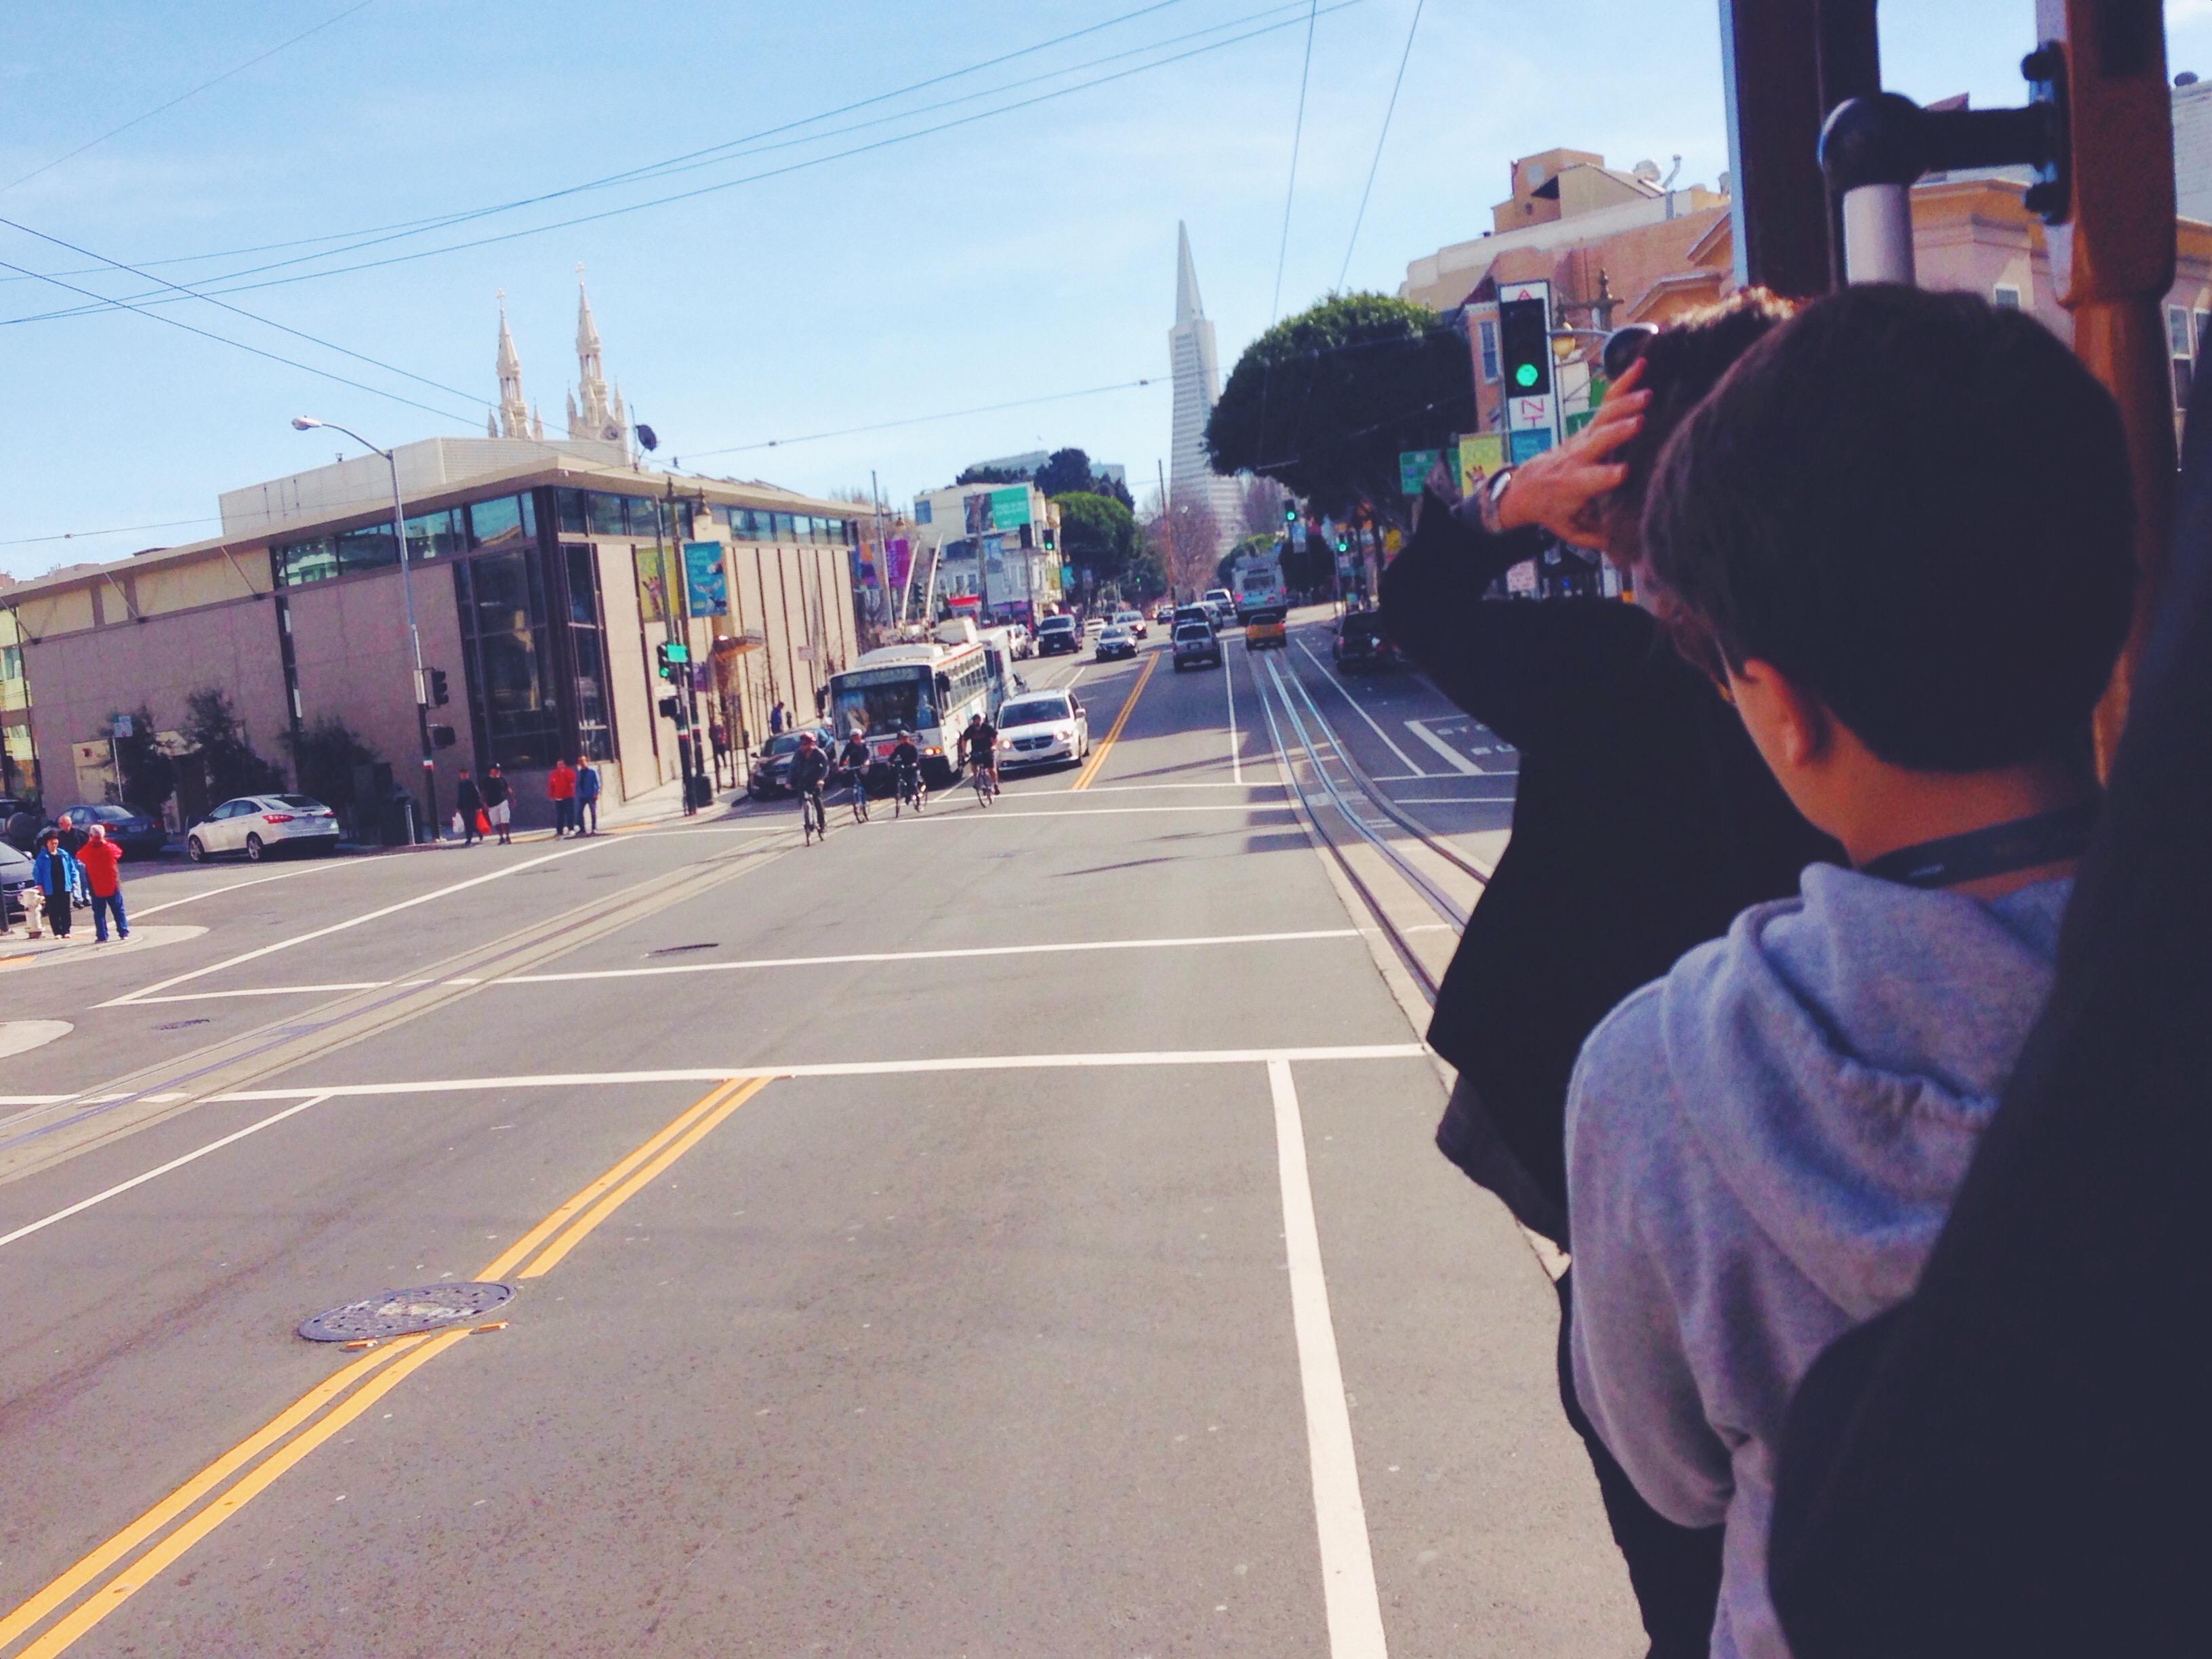 Vista dal Cable Car di San Francisco